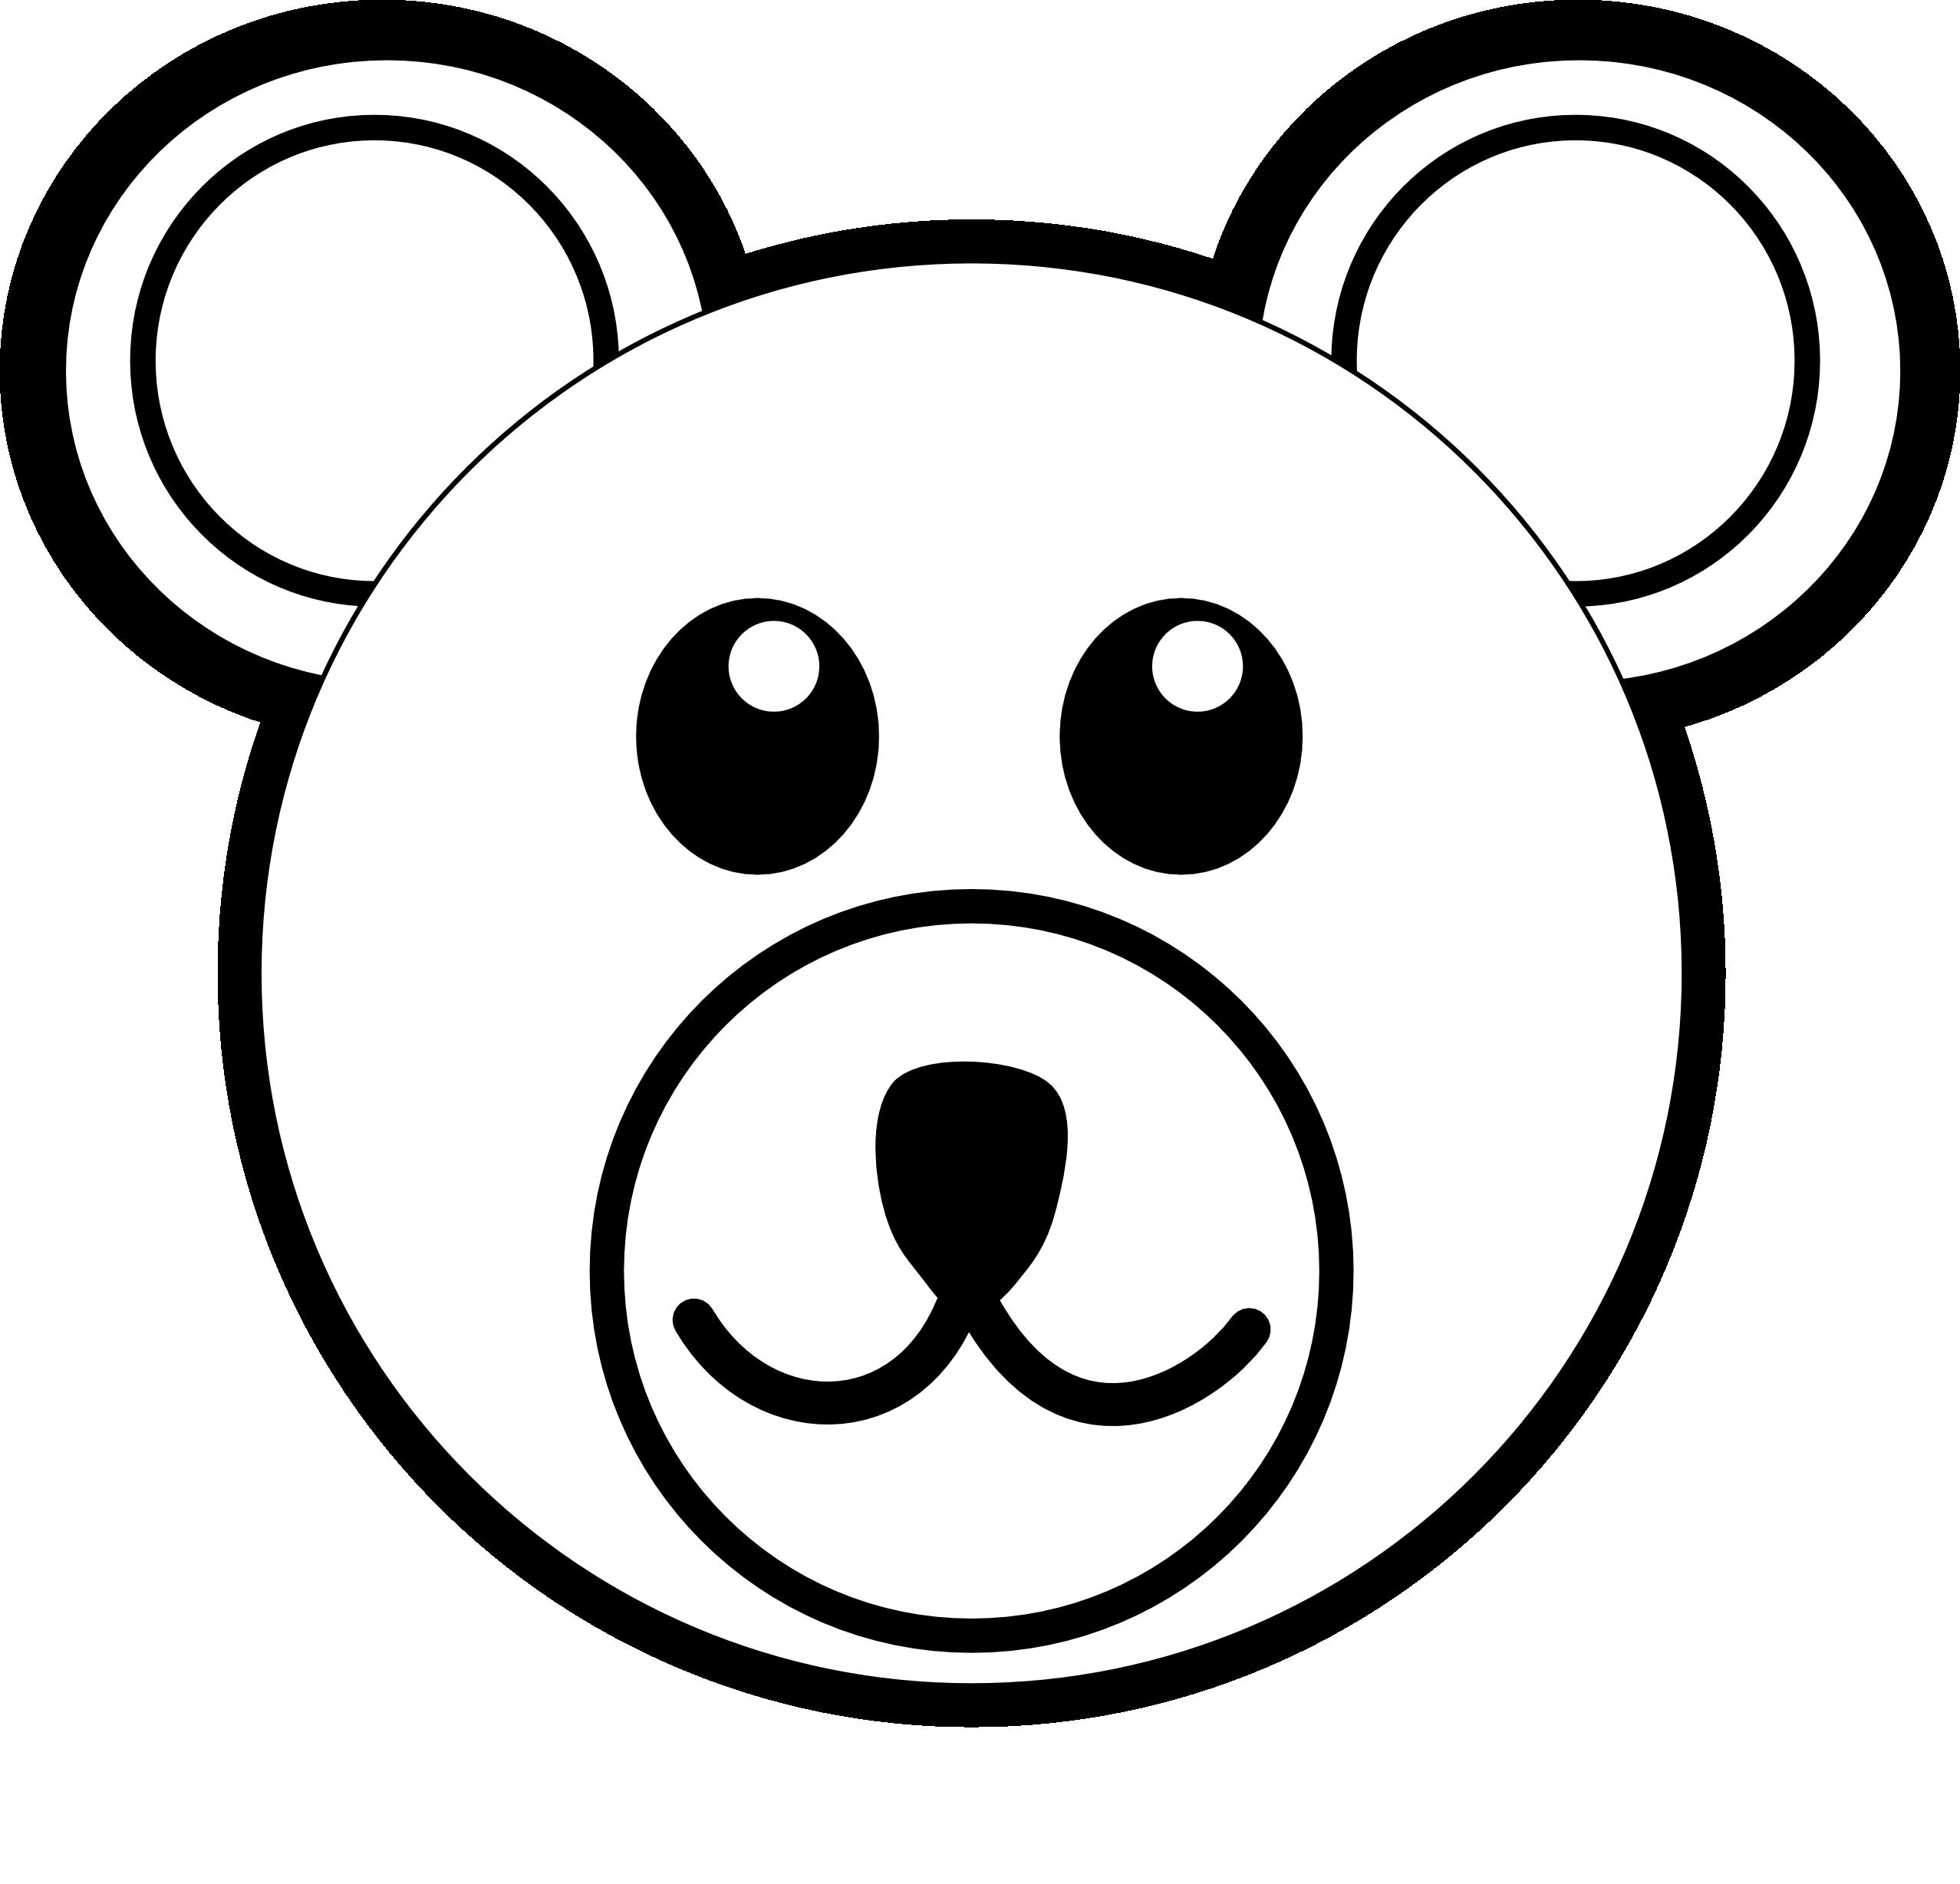 2555x2456 Polar Bear Cartoon Drawings Tags Cartoon Bear Drawings How To